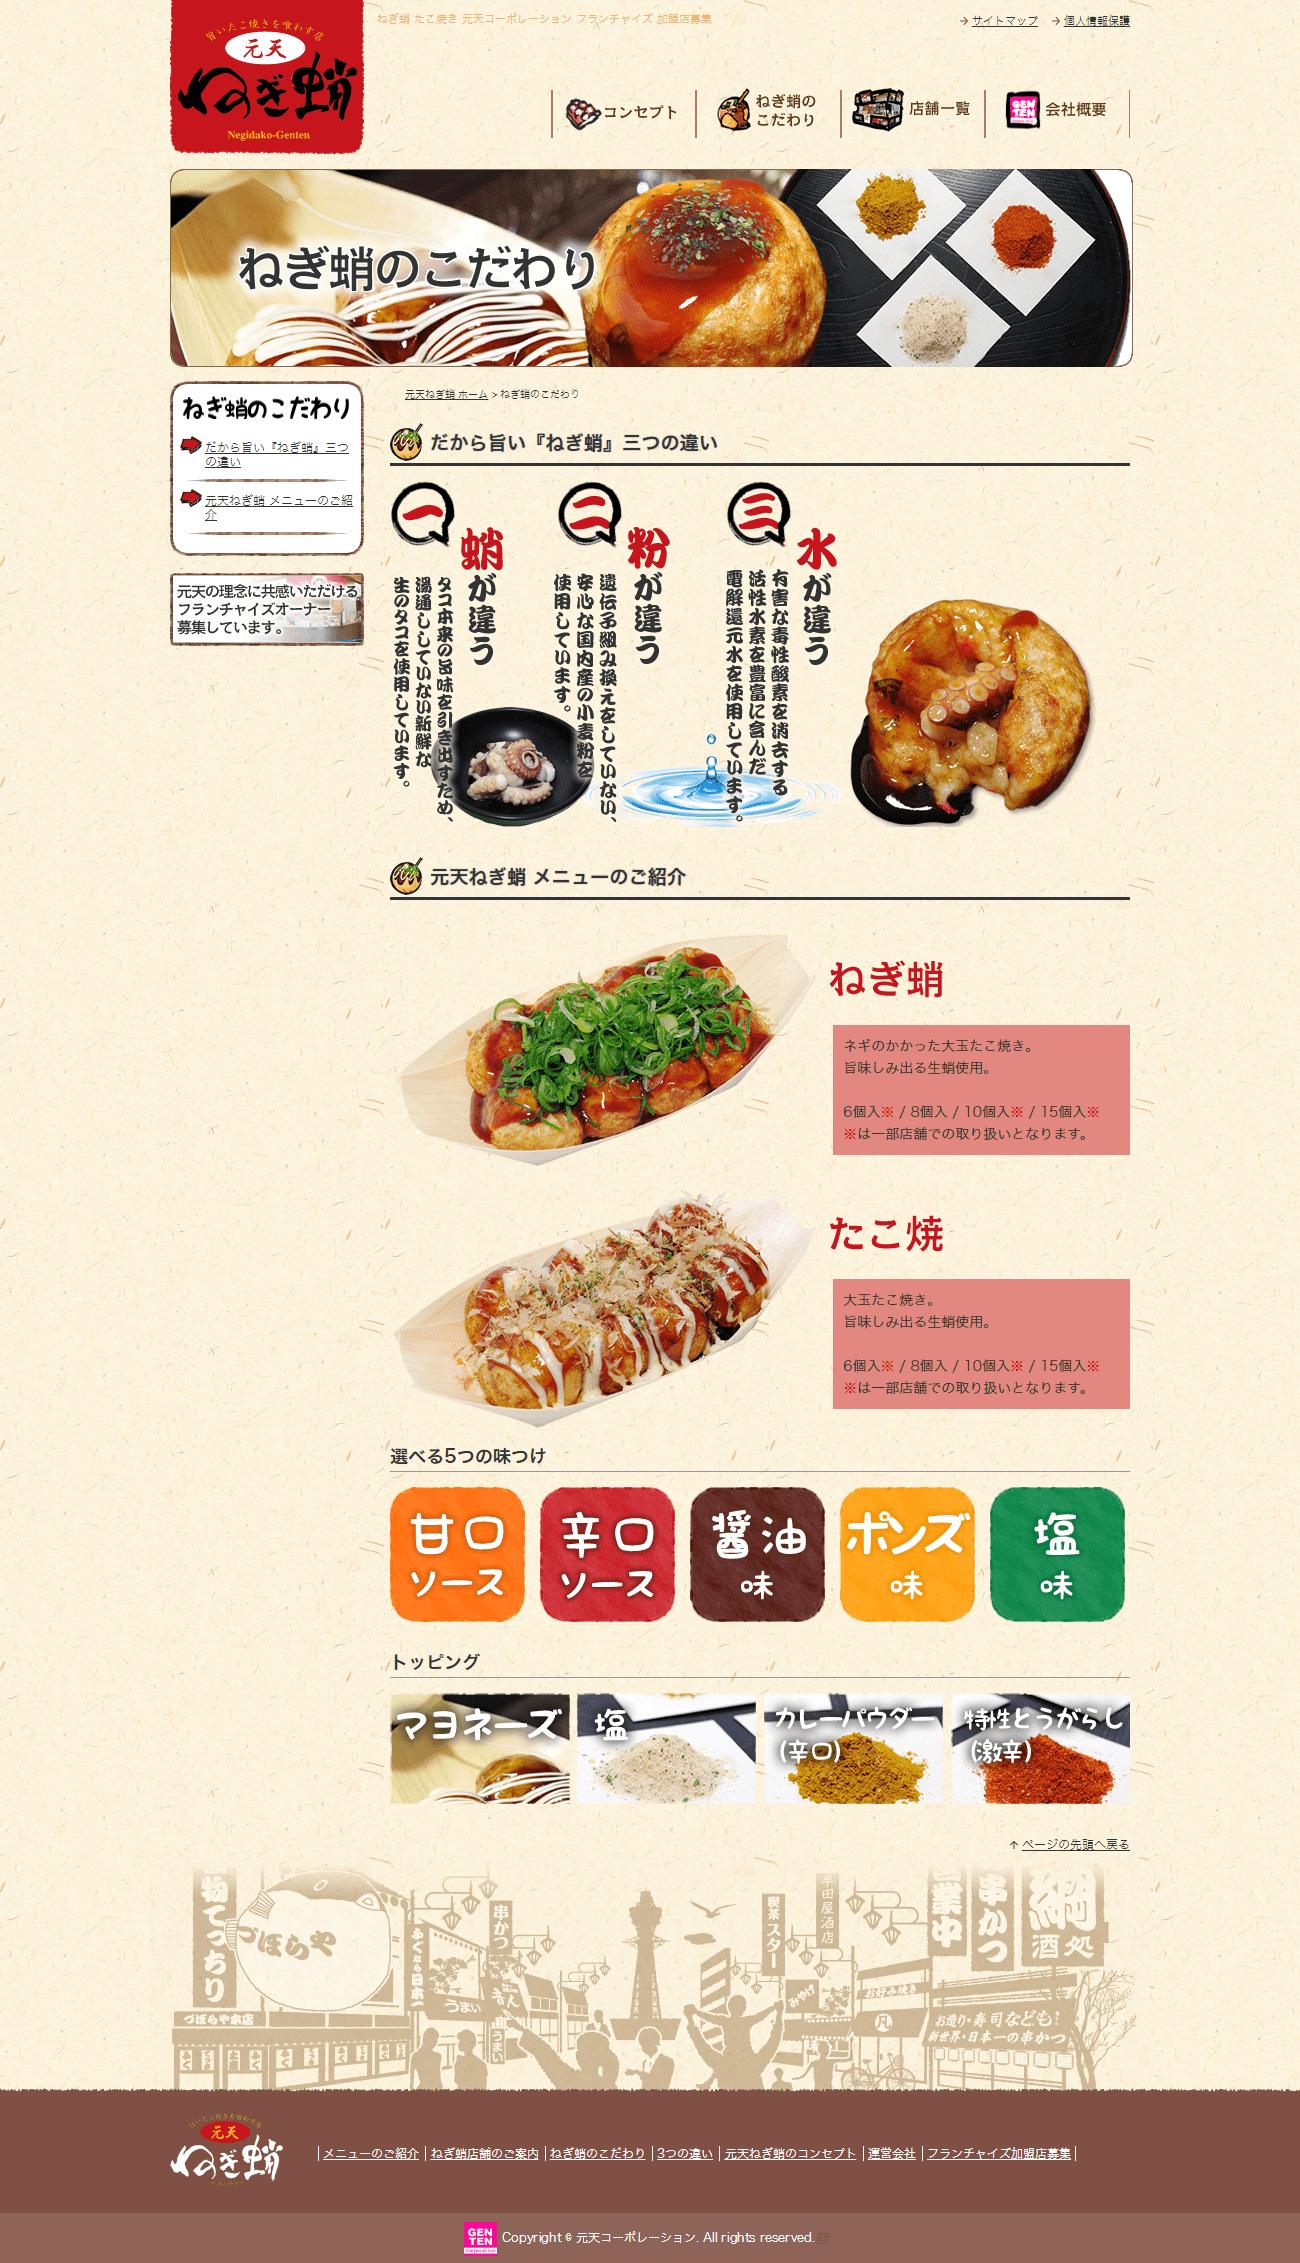 姫路市 株式会社 元天コーポレーション様 ホームページ制作2